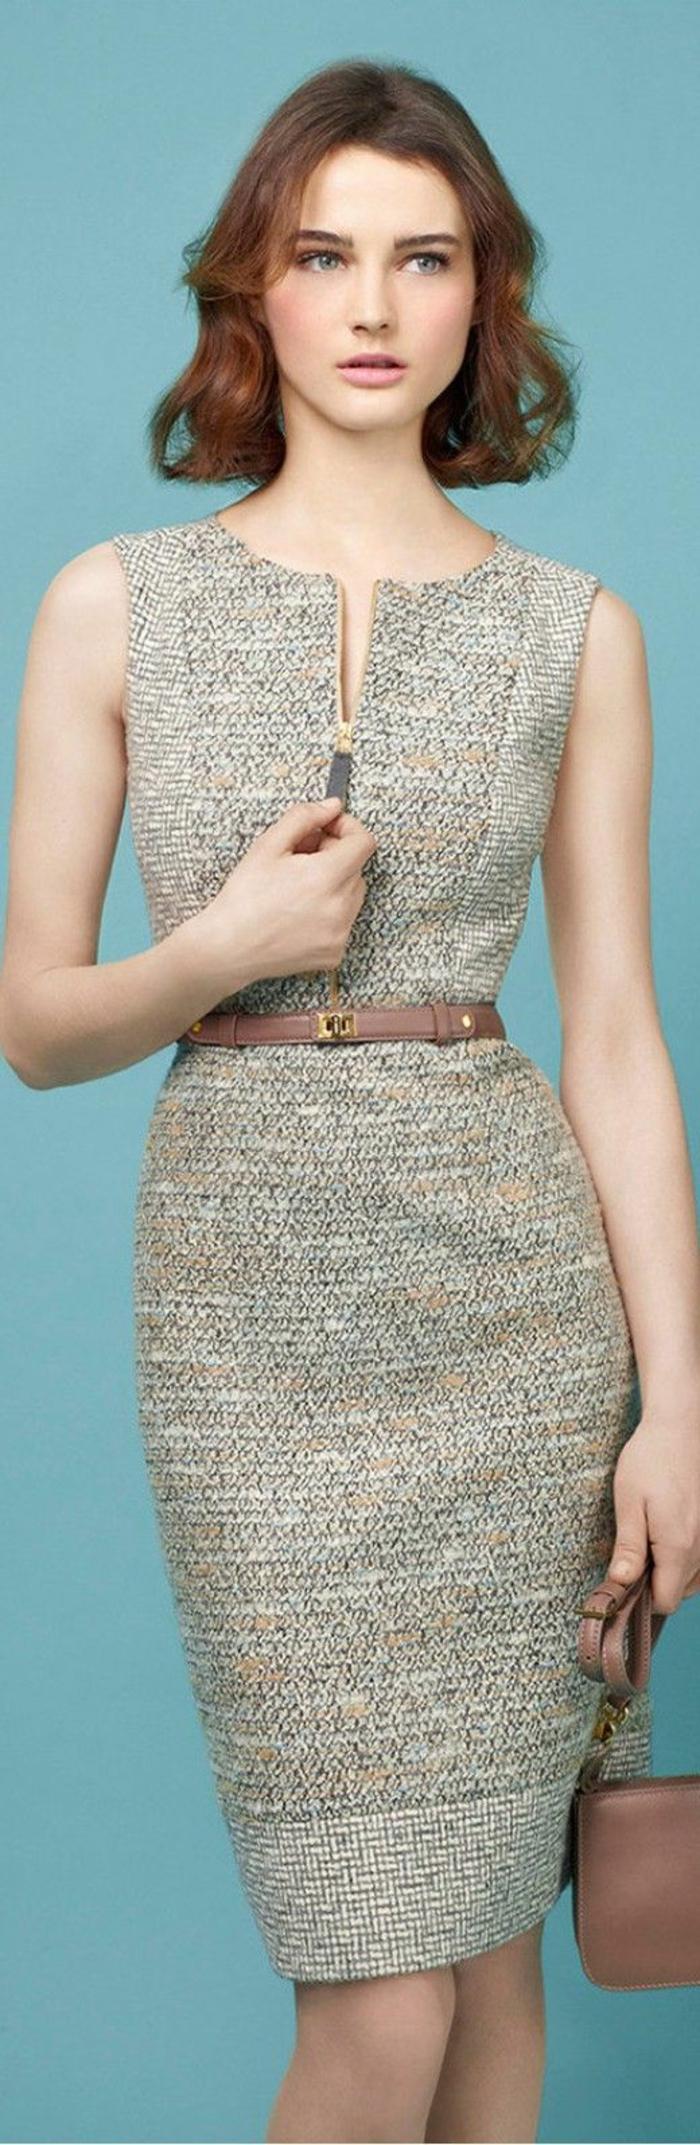 business-kleidung-frauen-beige-grau-frau-bekleidung-elegante-frisur-guertel-tasche-klips